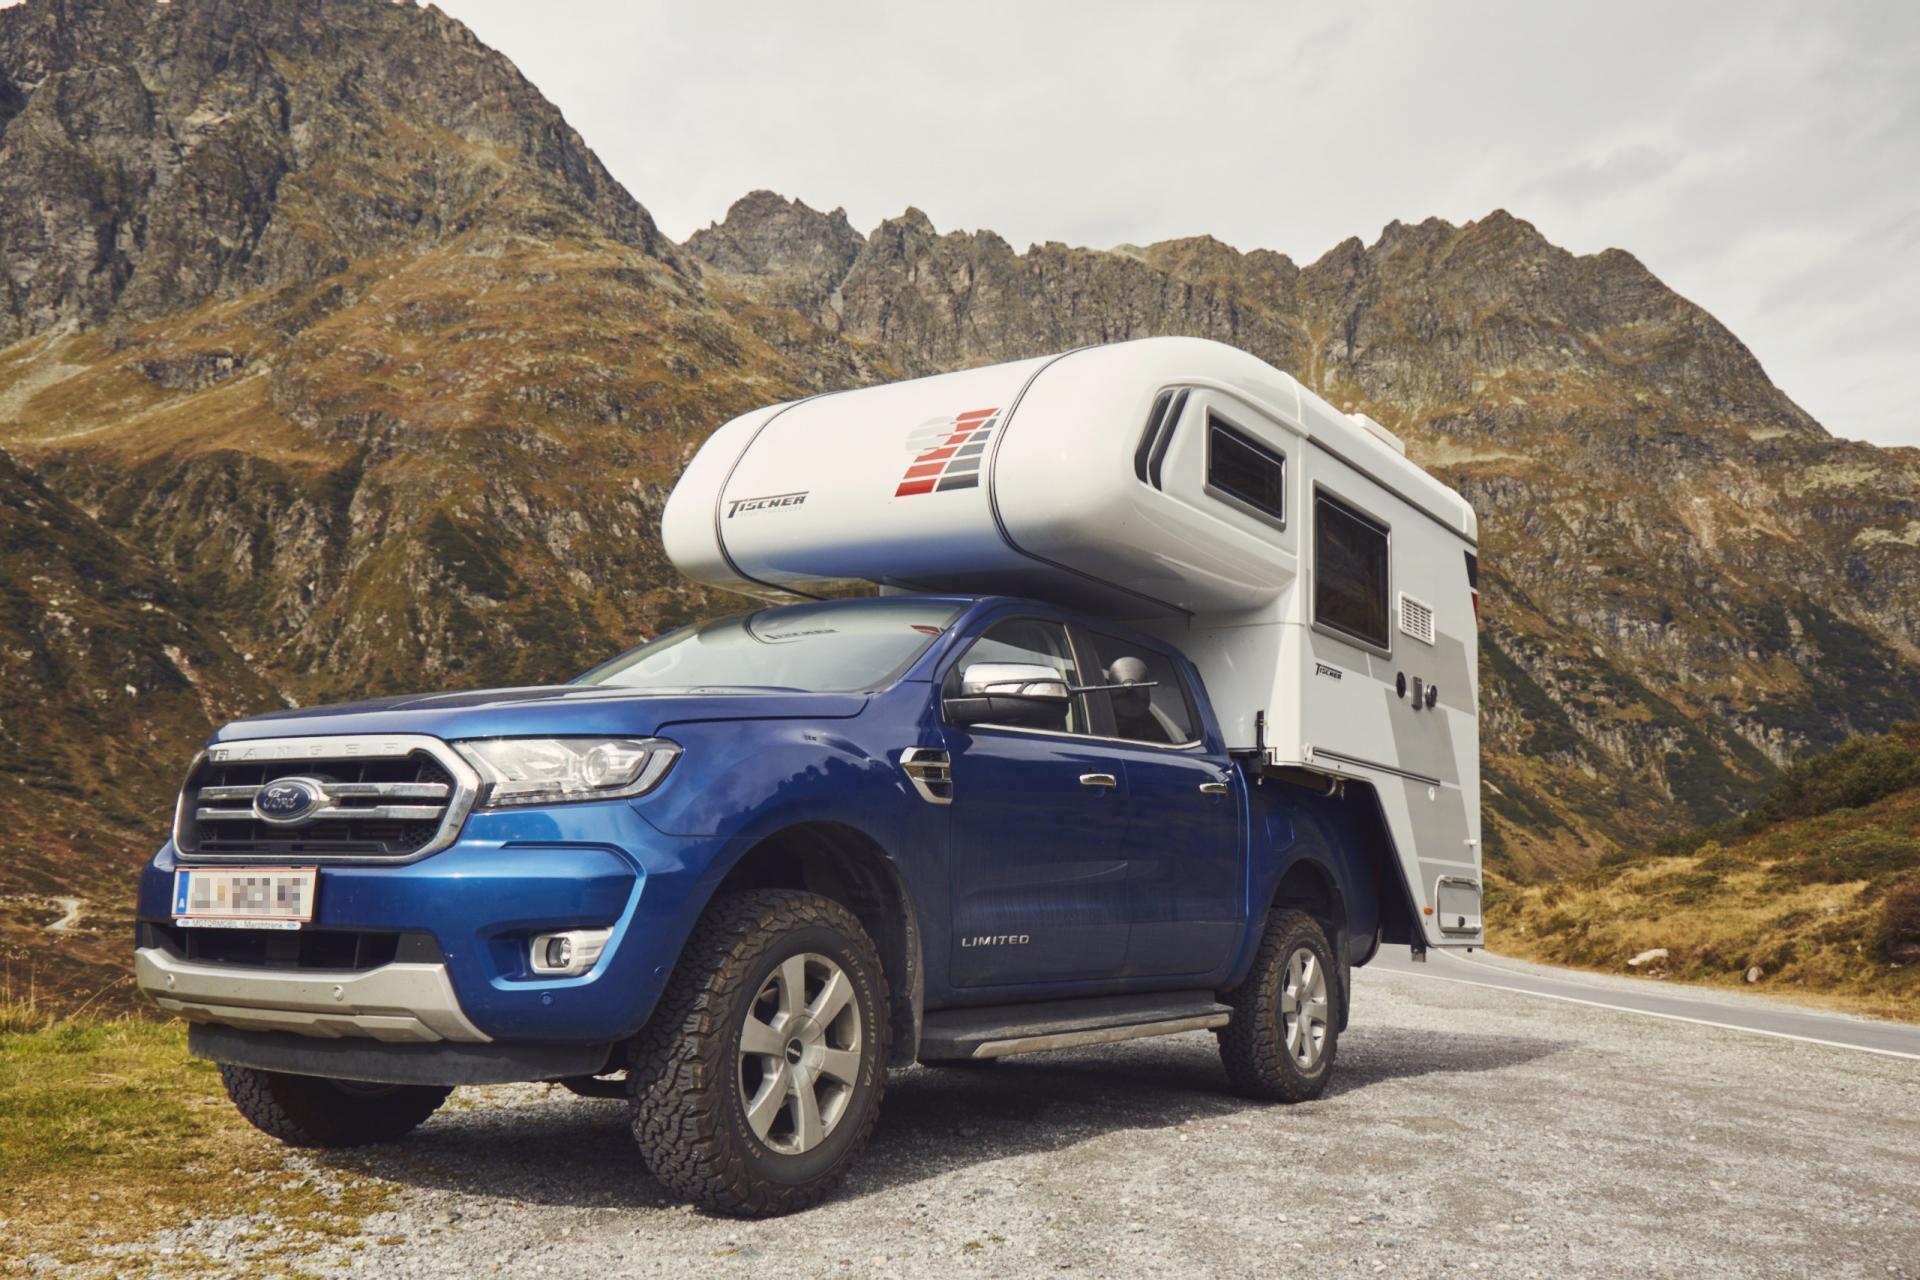 Wir haben einen Pickup Camper gekauft! Auf unserem blauen Ford Ranger thront eine Tischer 230S Wohnkabine und macht den Pickup Camper komplett